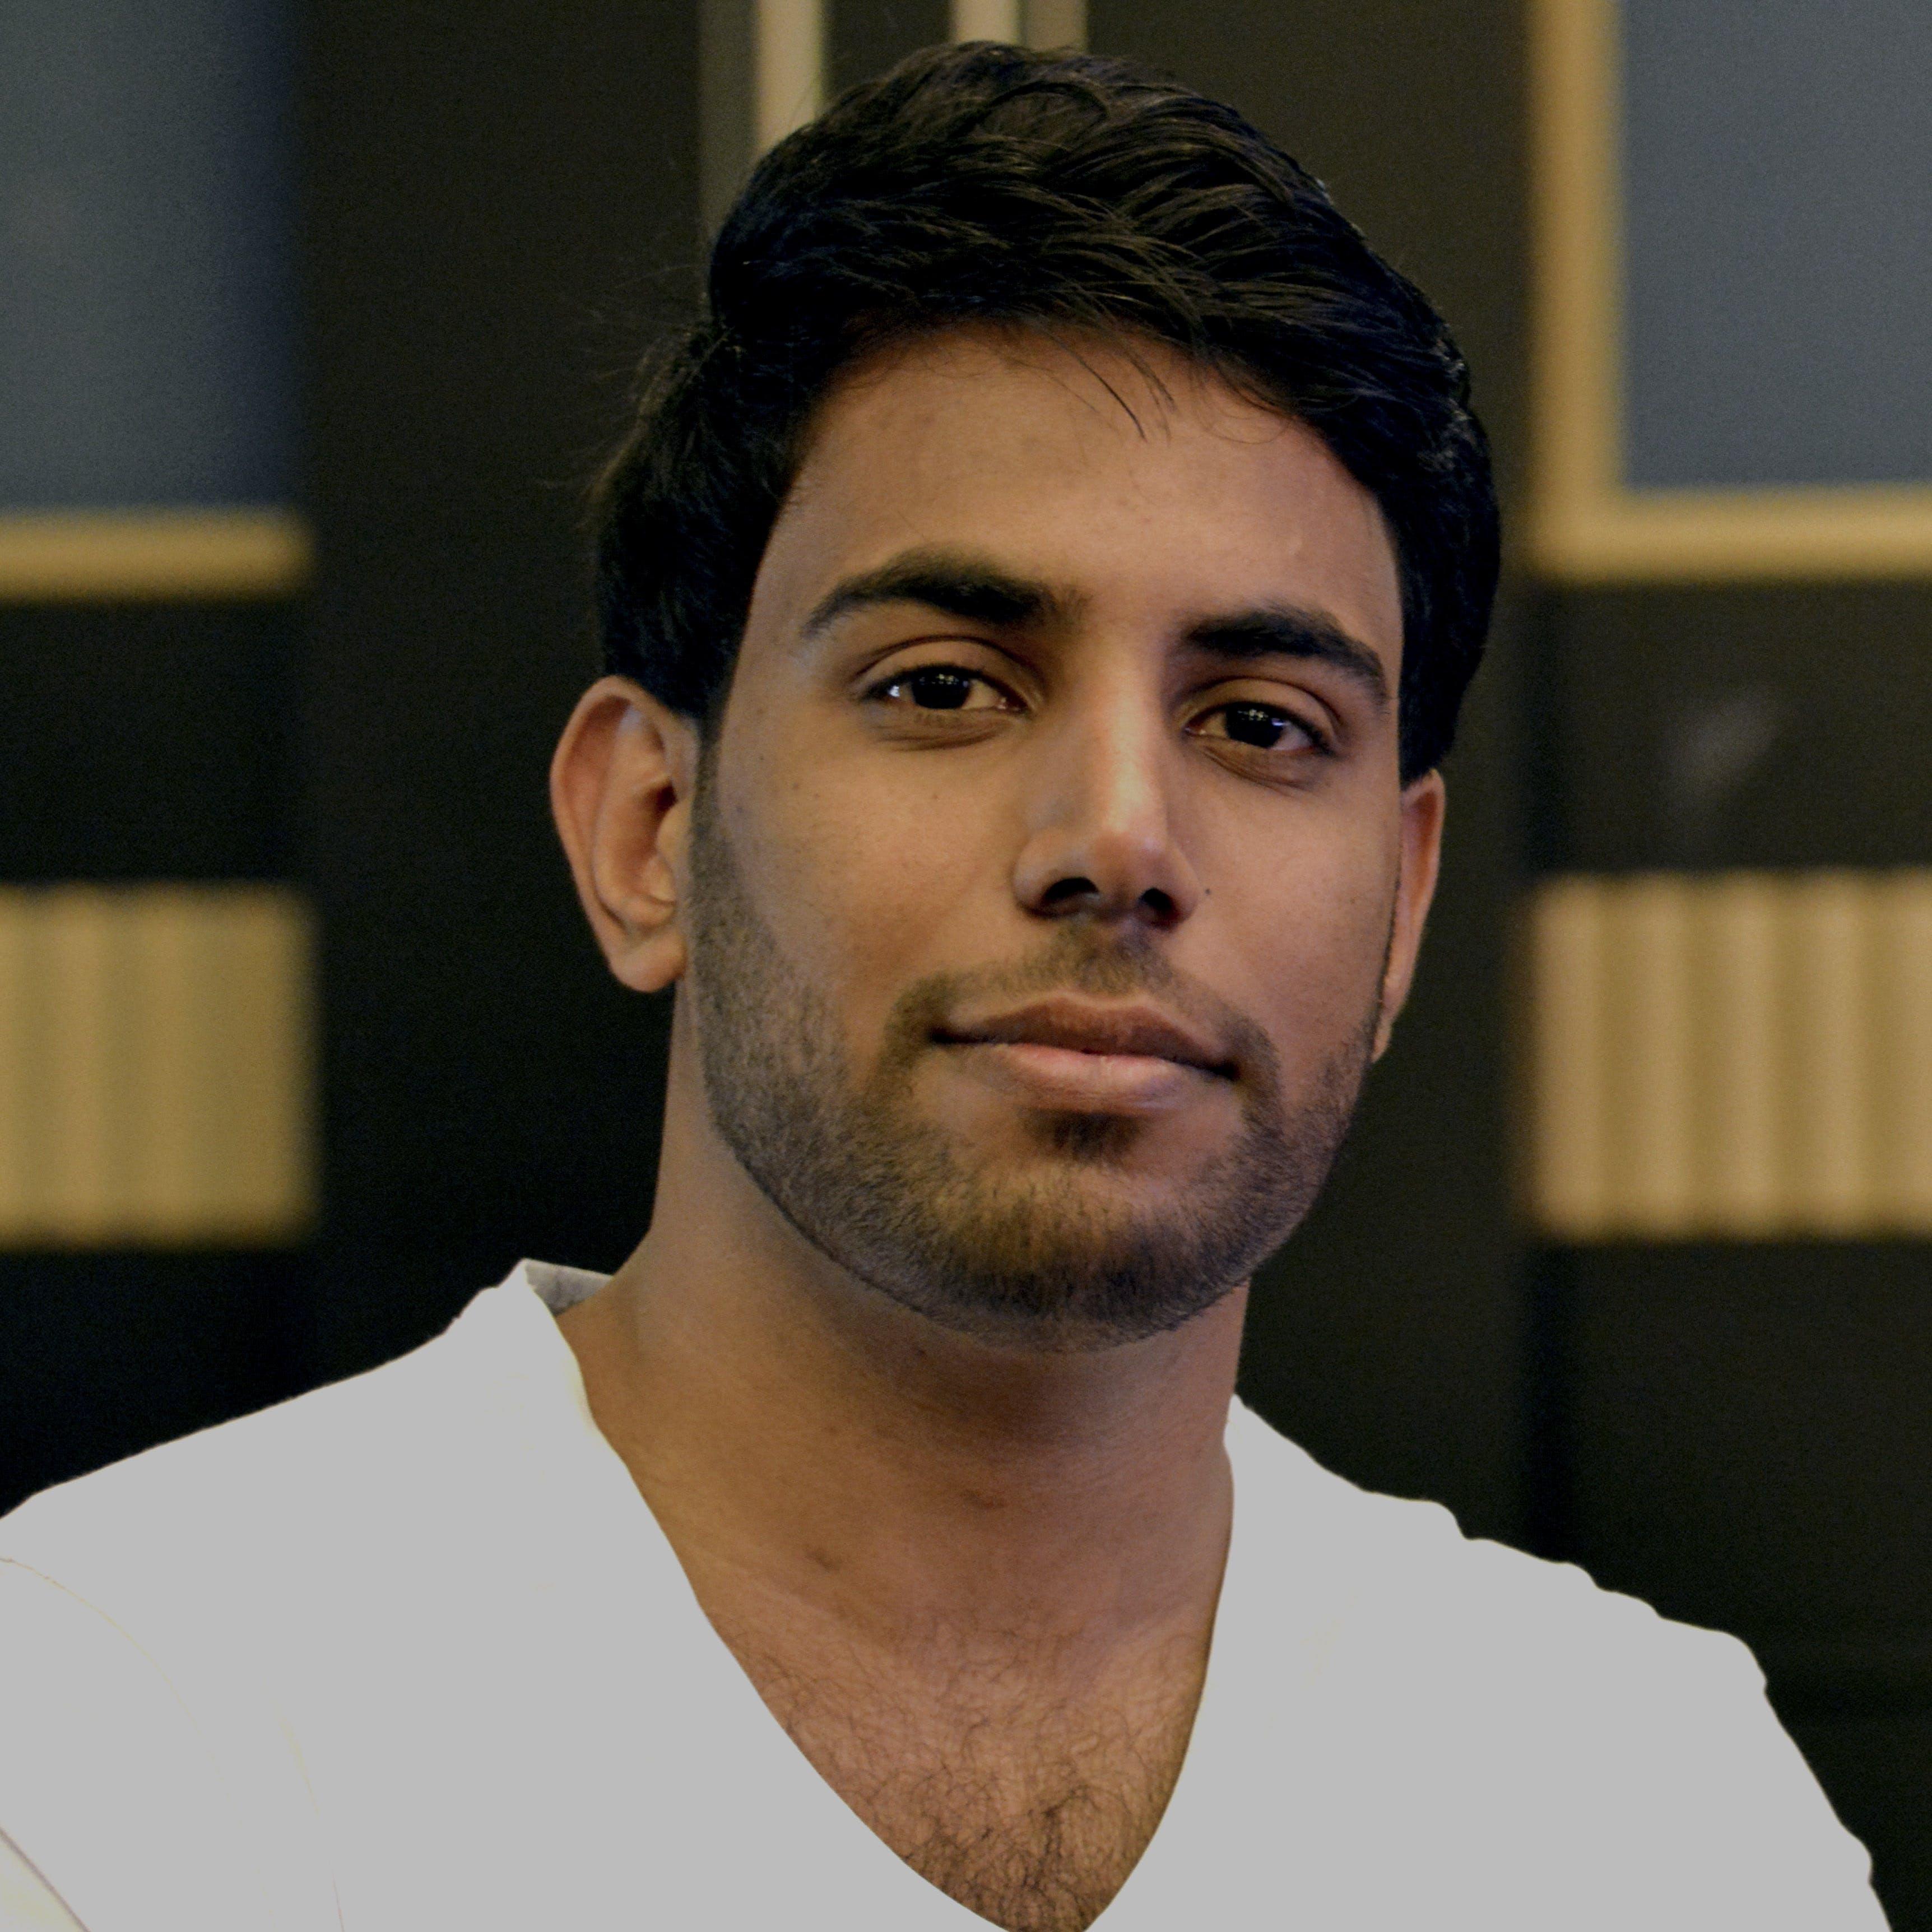 Ahmed Alsalameen